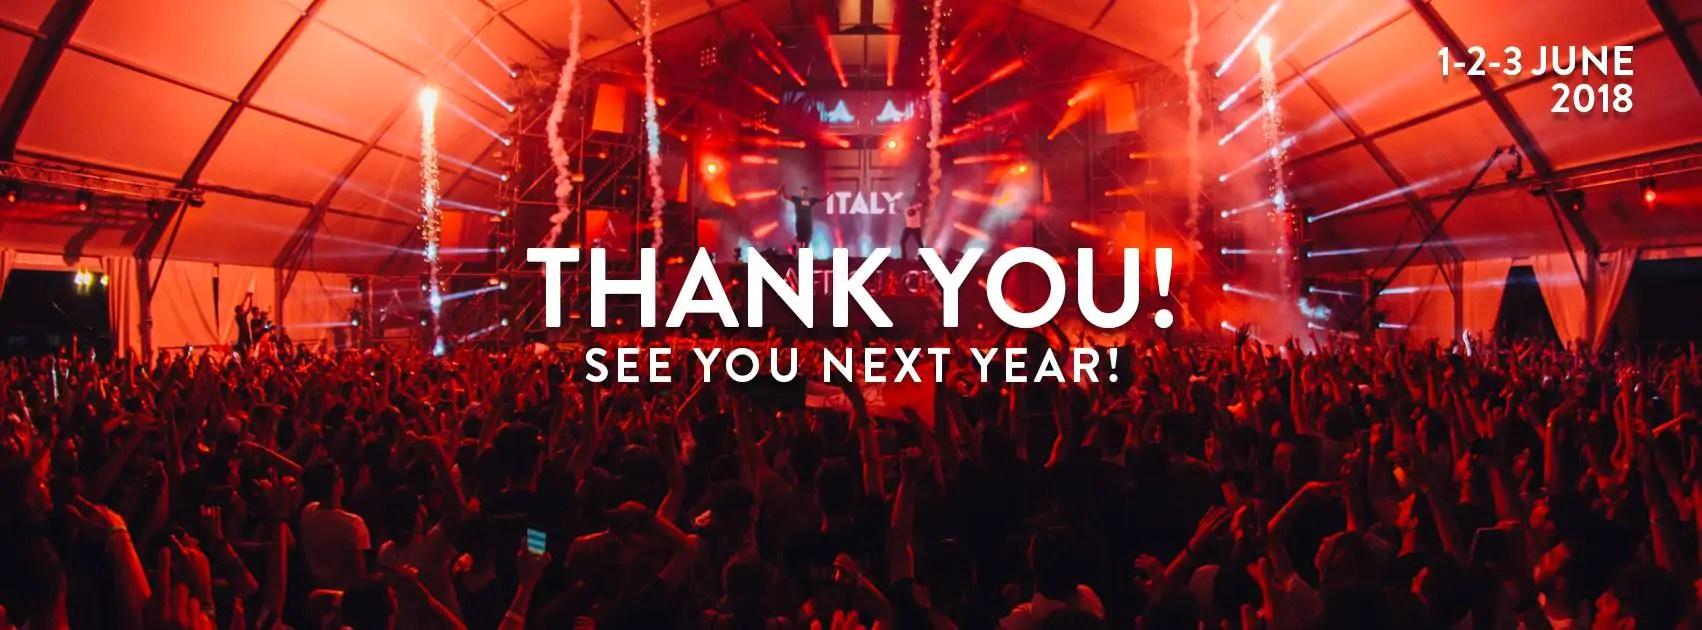 NAMELESS MUSIC FESTIVAL 2018, BARZIO 1 2 3 Giugno Ticket Pacchetti Hotel Camping